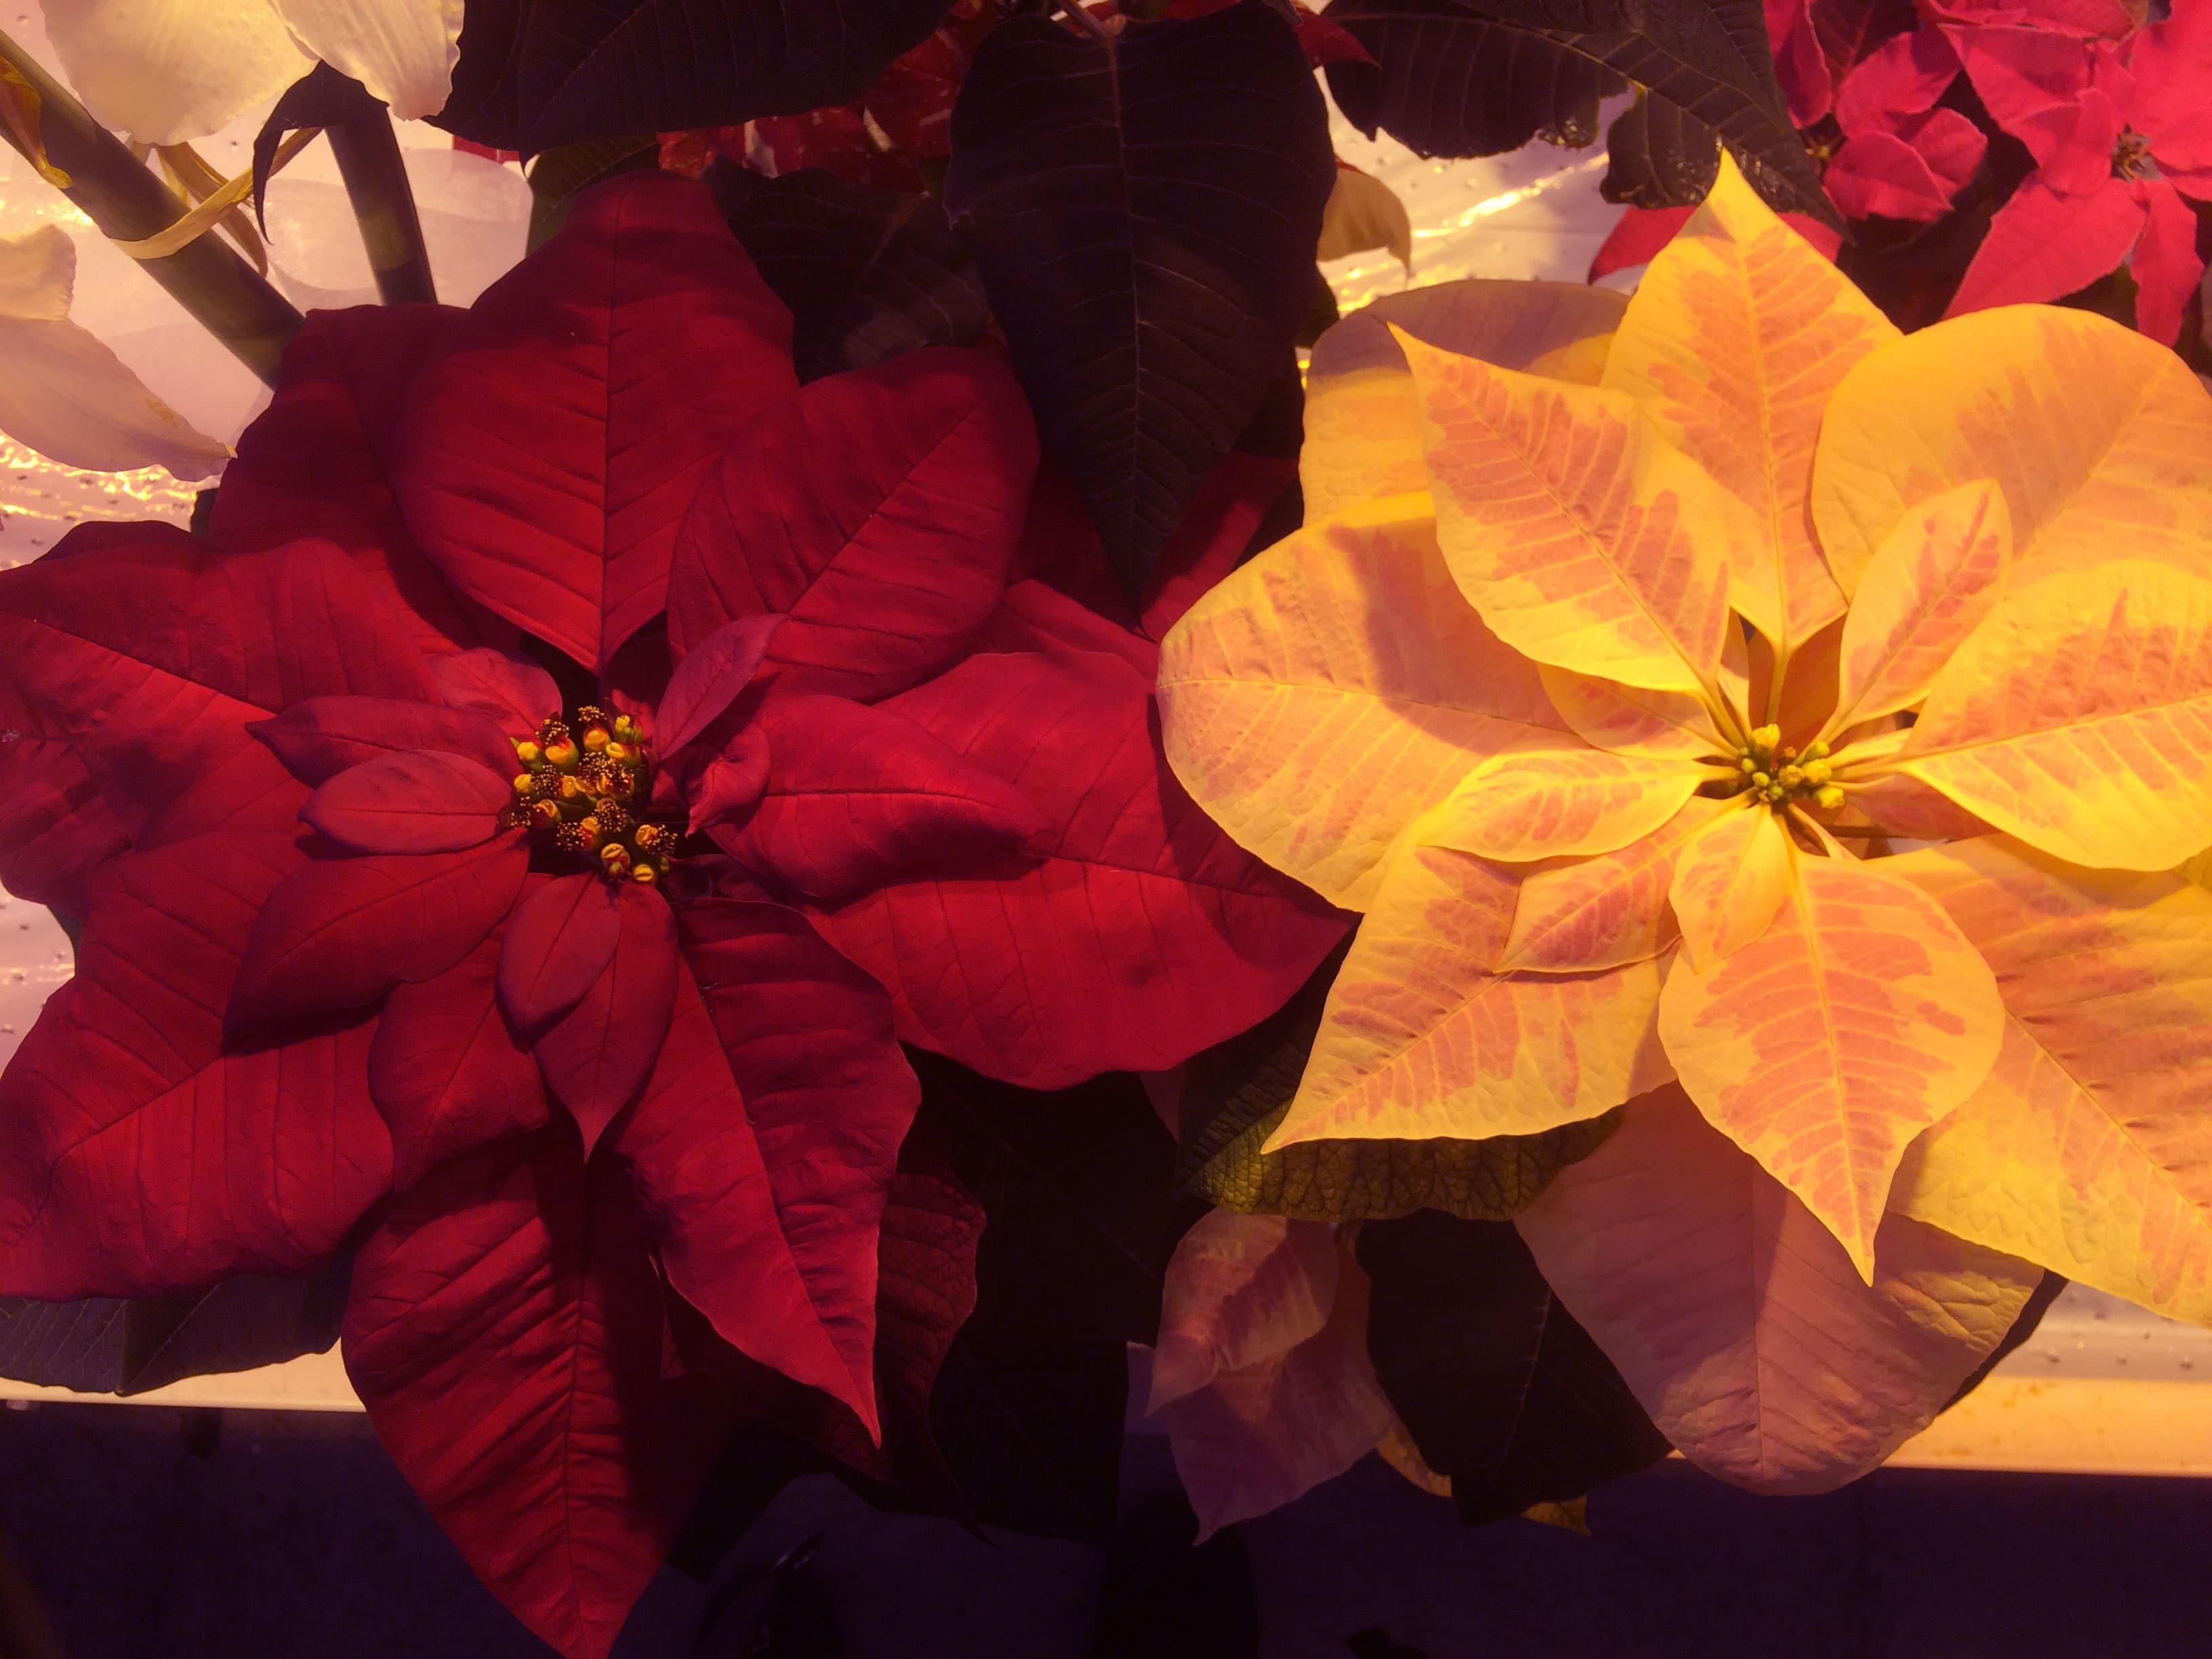 Punainen ja vaalea joulutähti